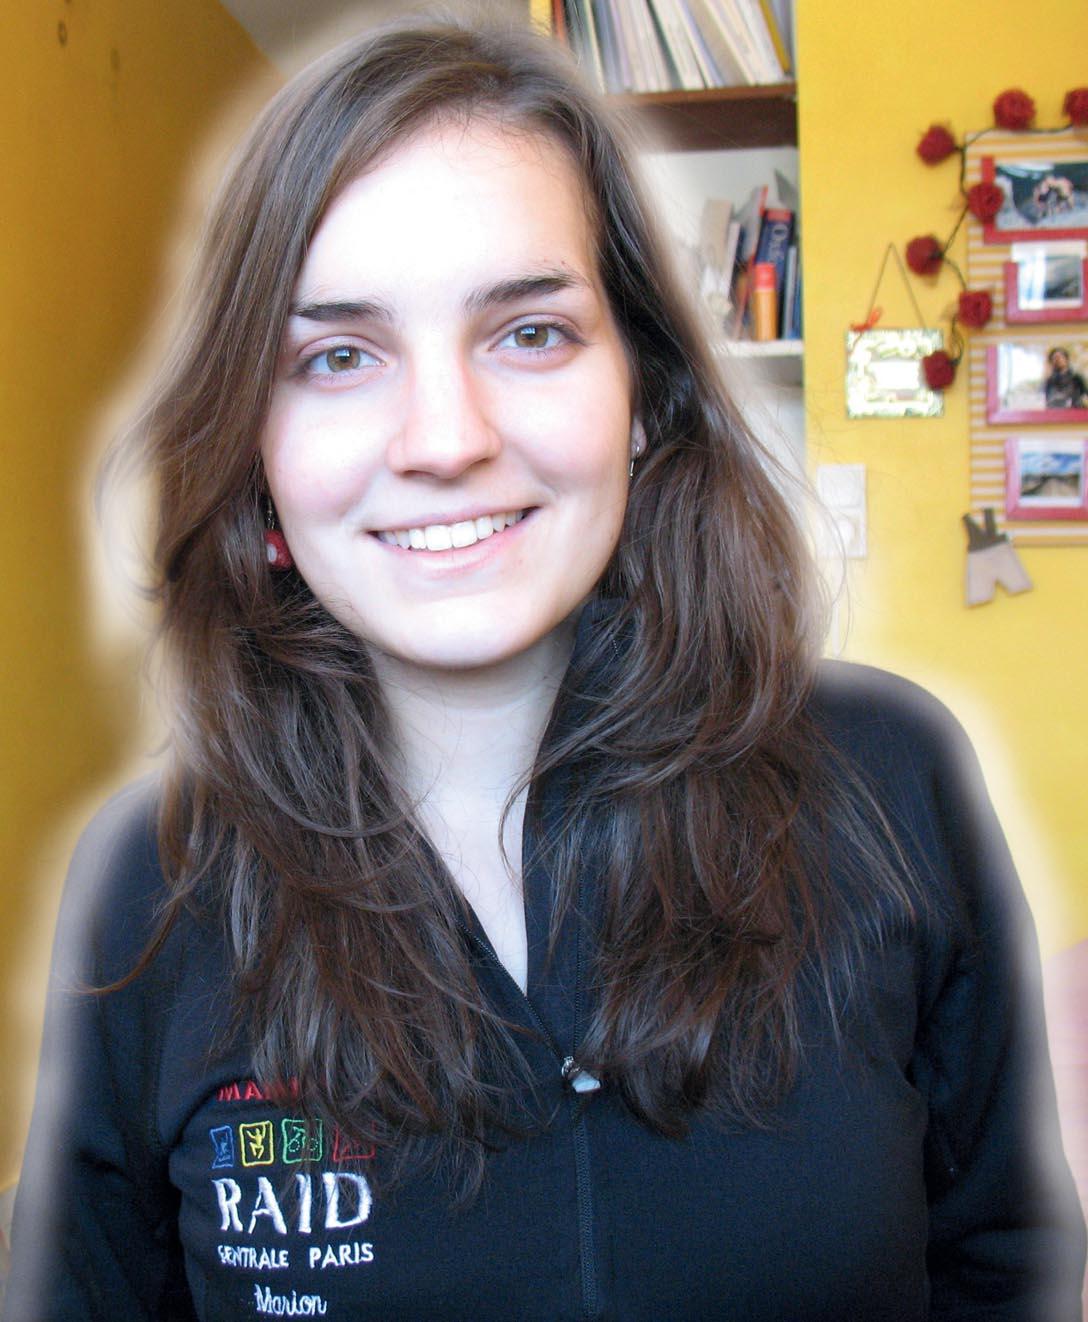 CENTRALE PARIS – Marion Olekhnovitch, 20 ans